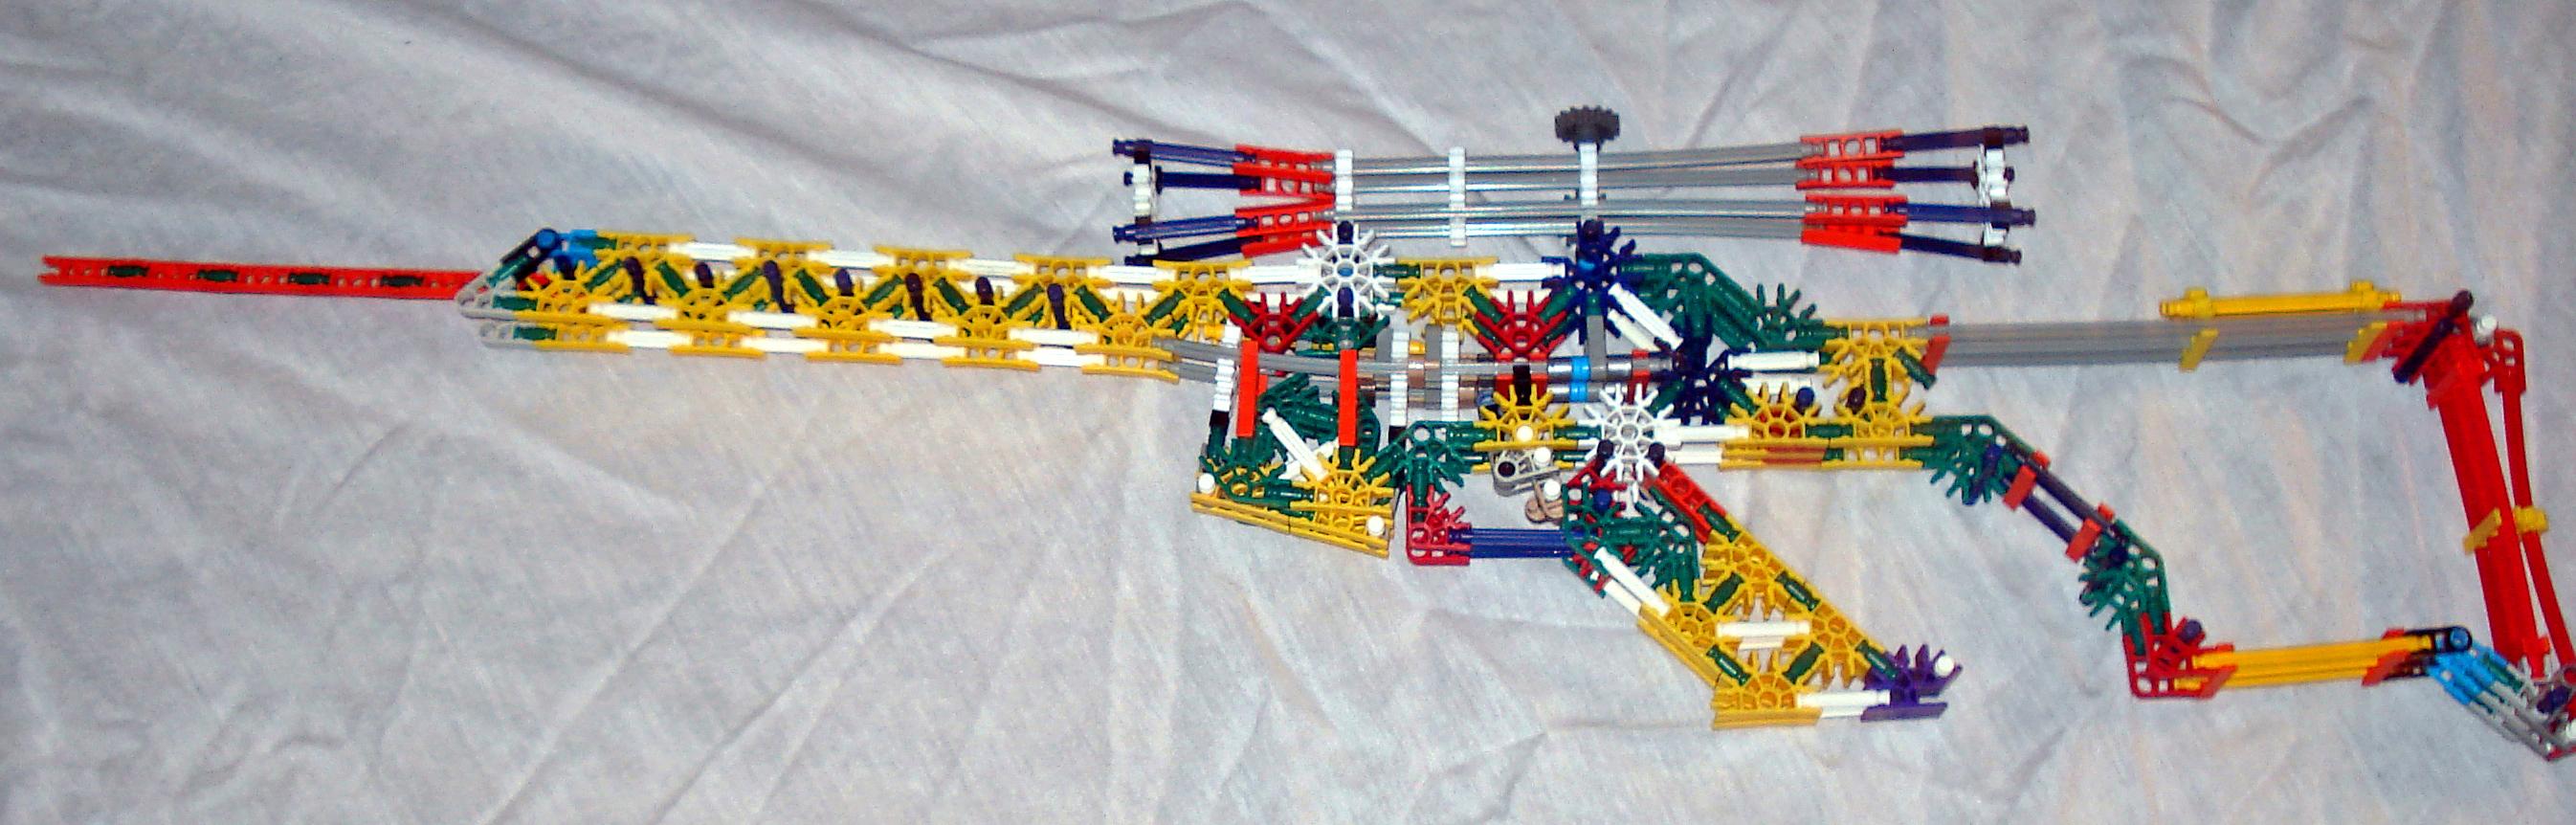 K'Nex PSG-1